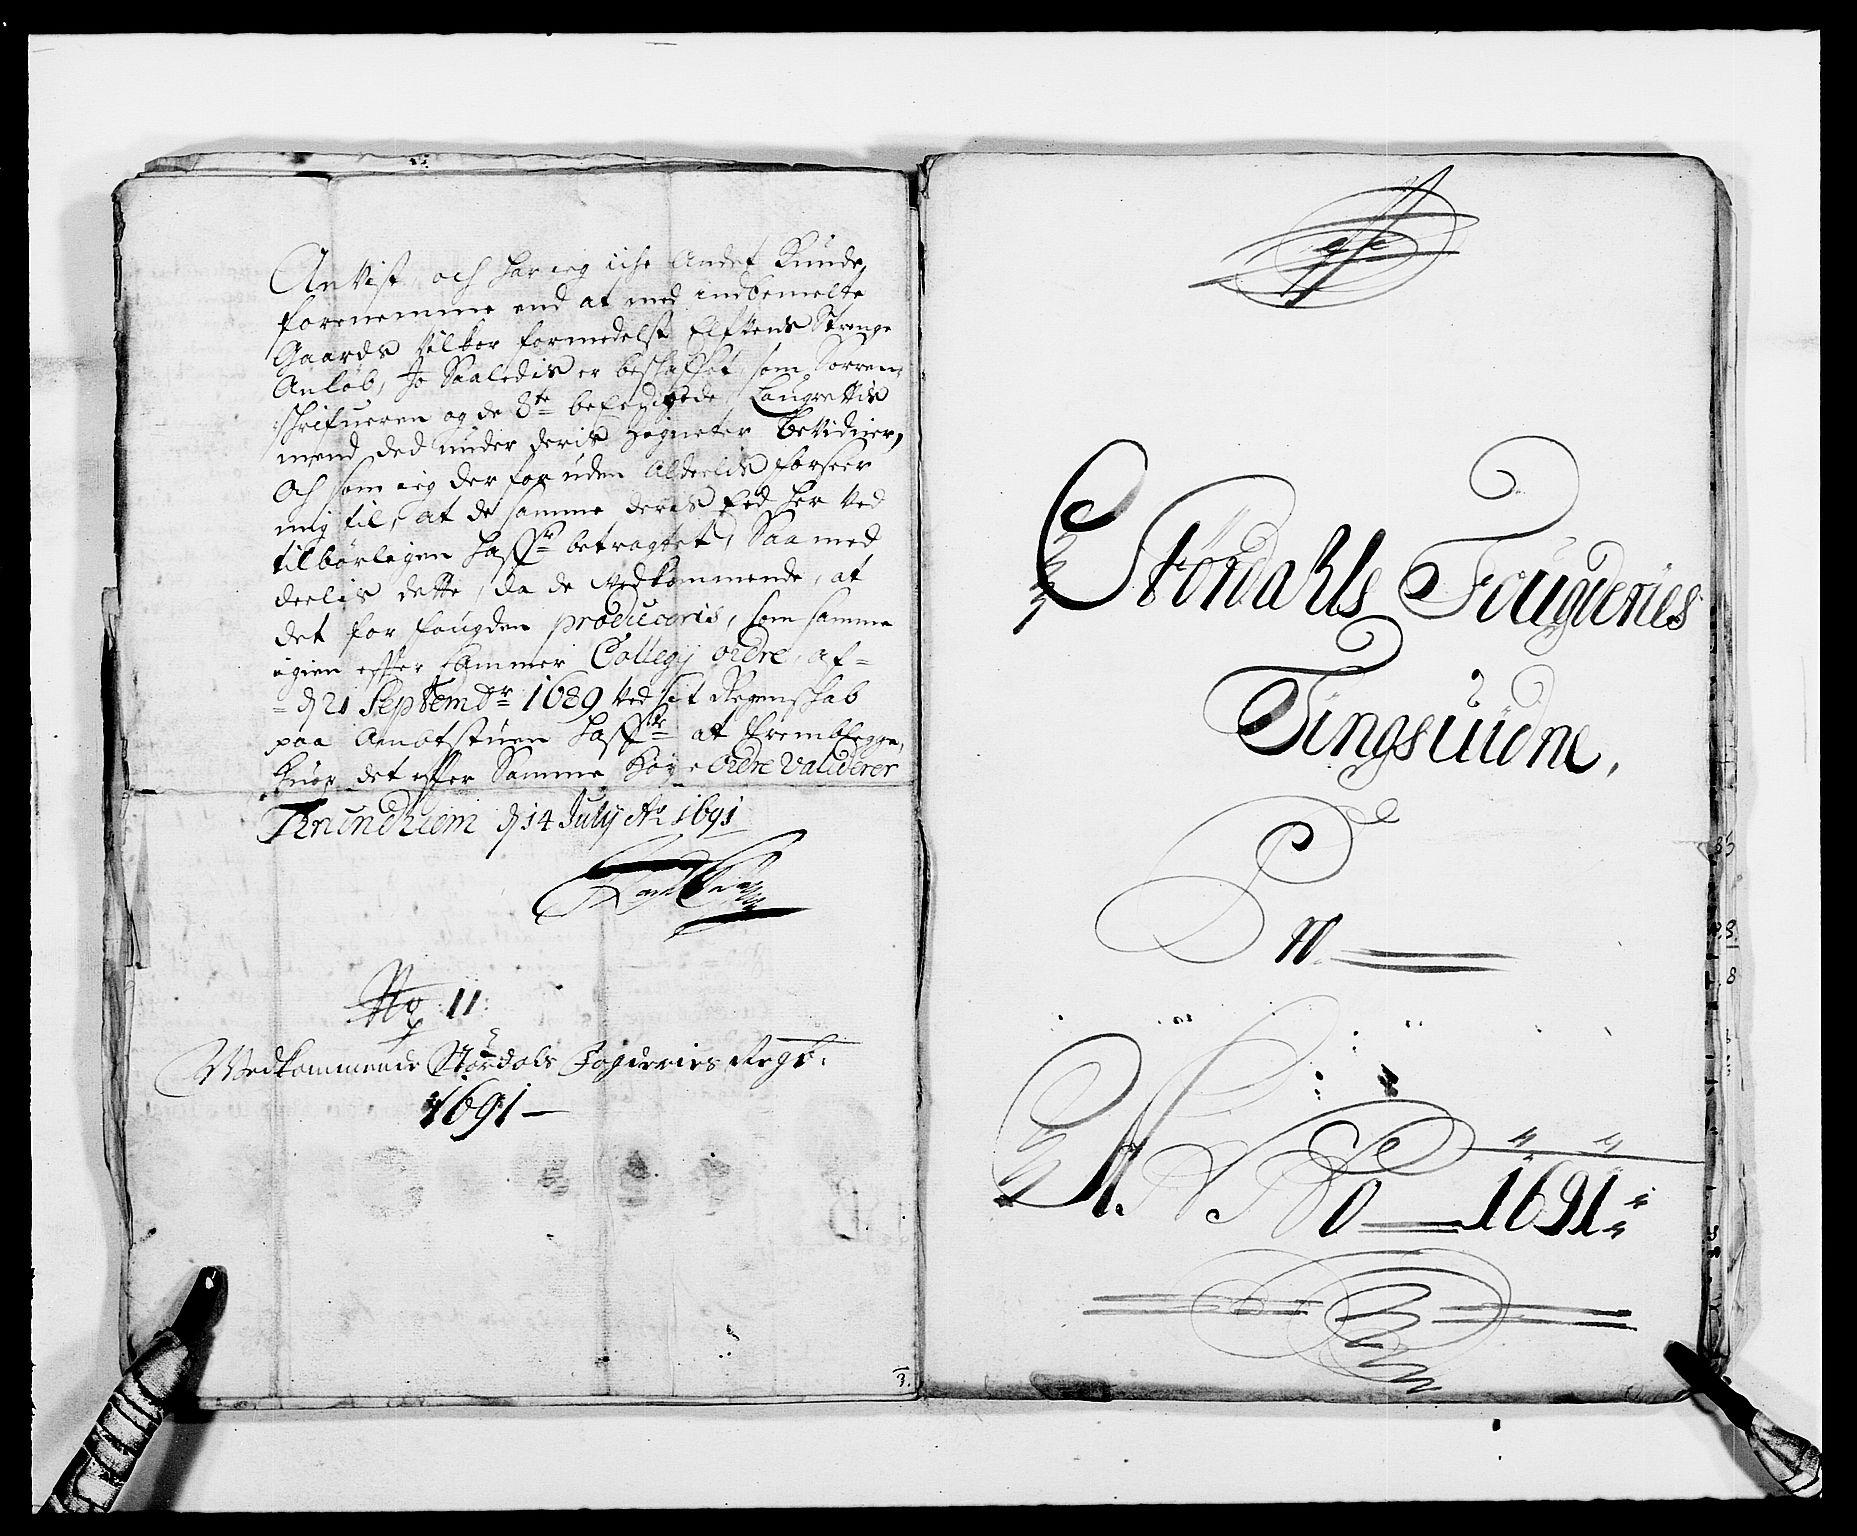 RA, Rentekammeret inntil 1814, Reviderte regnskaper, Fogderegnskap, R62/L4184: Fogderegnskap Stjørdal og Verdal, 1690-1691, s. 441